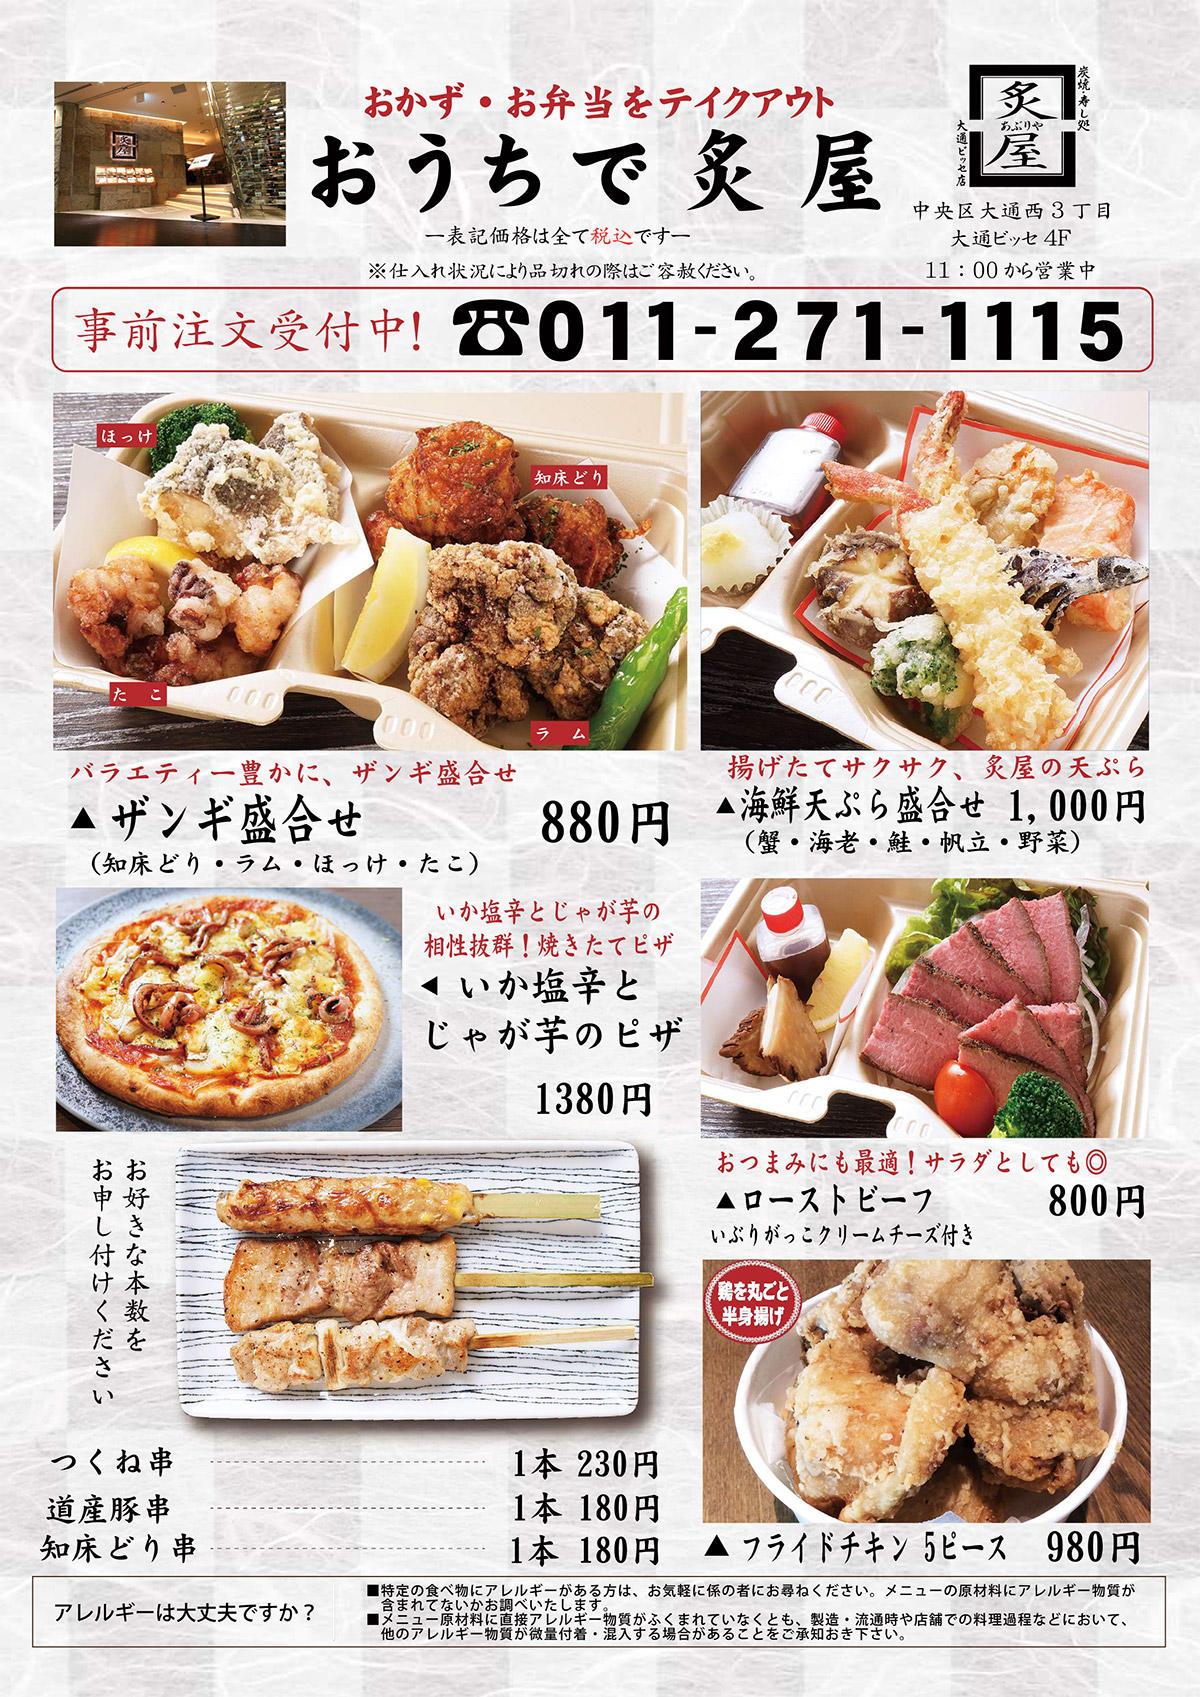 https://www.odori-bisse.com/info/aburiya_210531_img1.jpg